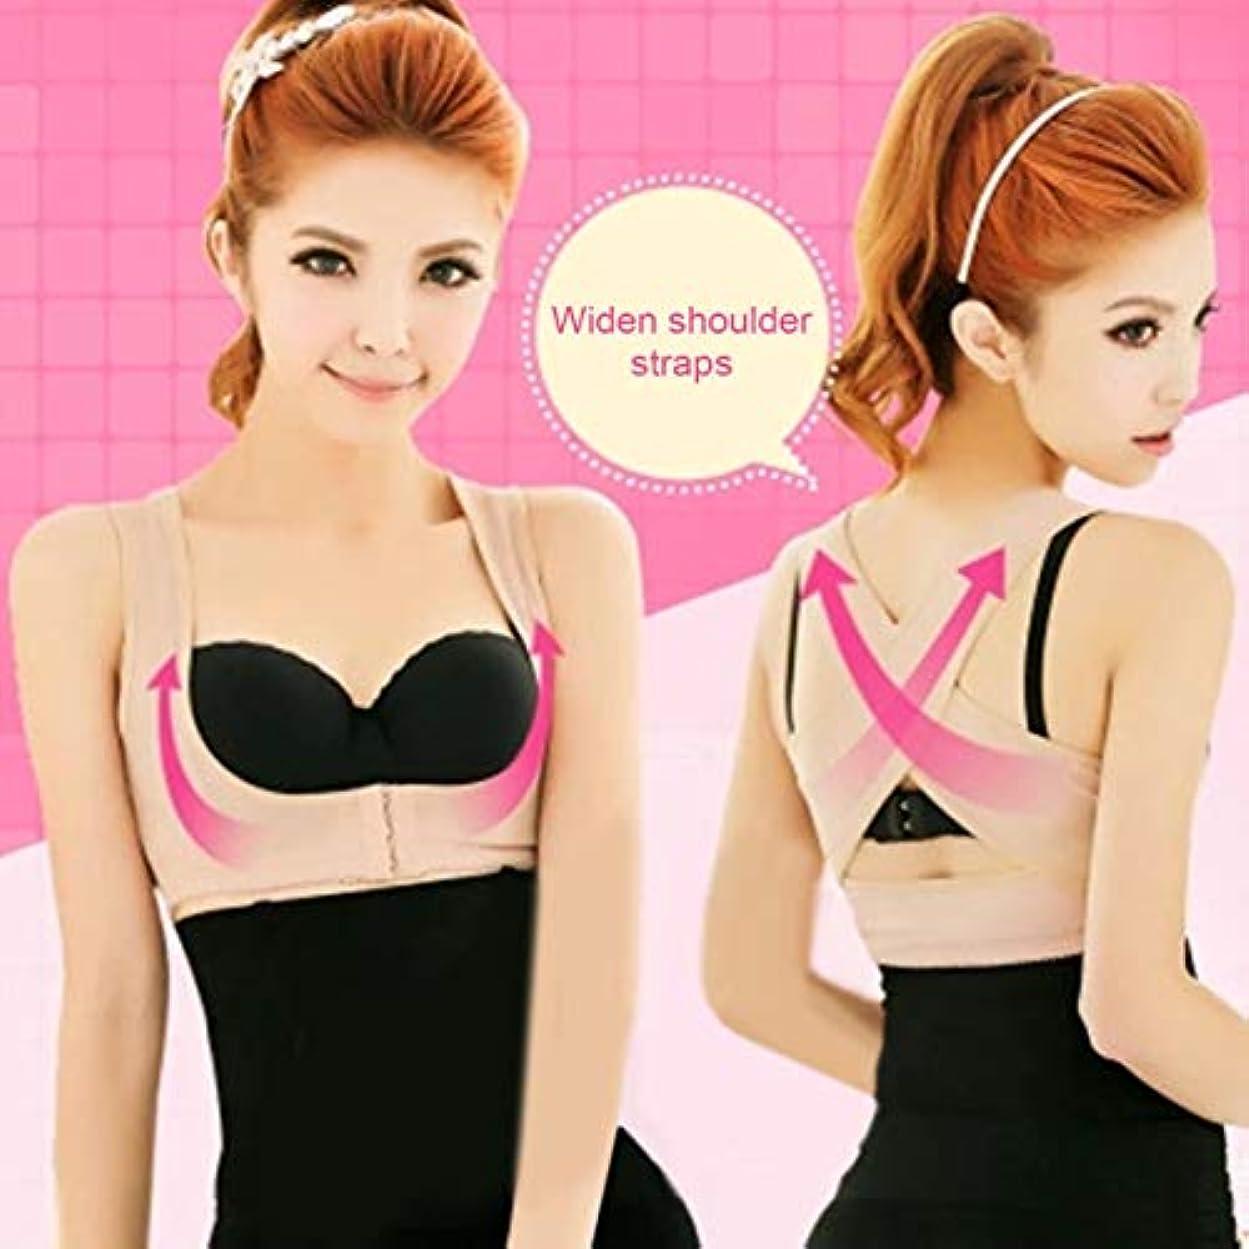 ポール効果的に雇用者Posture Corrector Women Chest Brace Up Prevent Chest Sagging And Humpback Bra Cross Strap Vest Body Shaper Slimming...